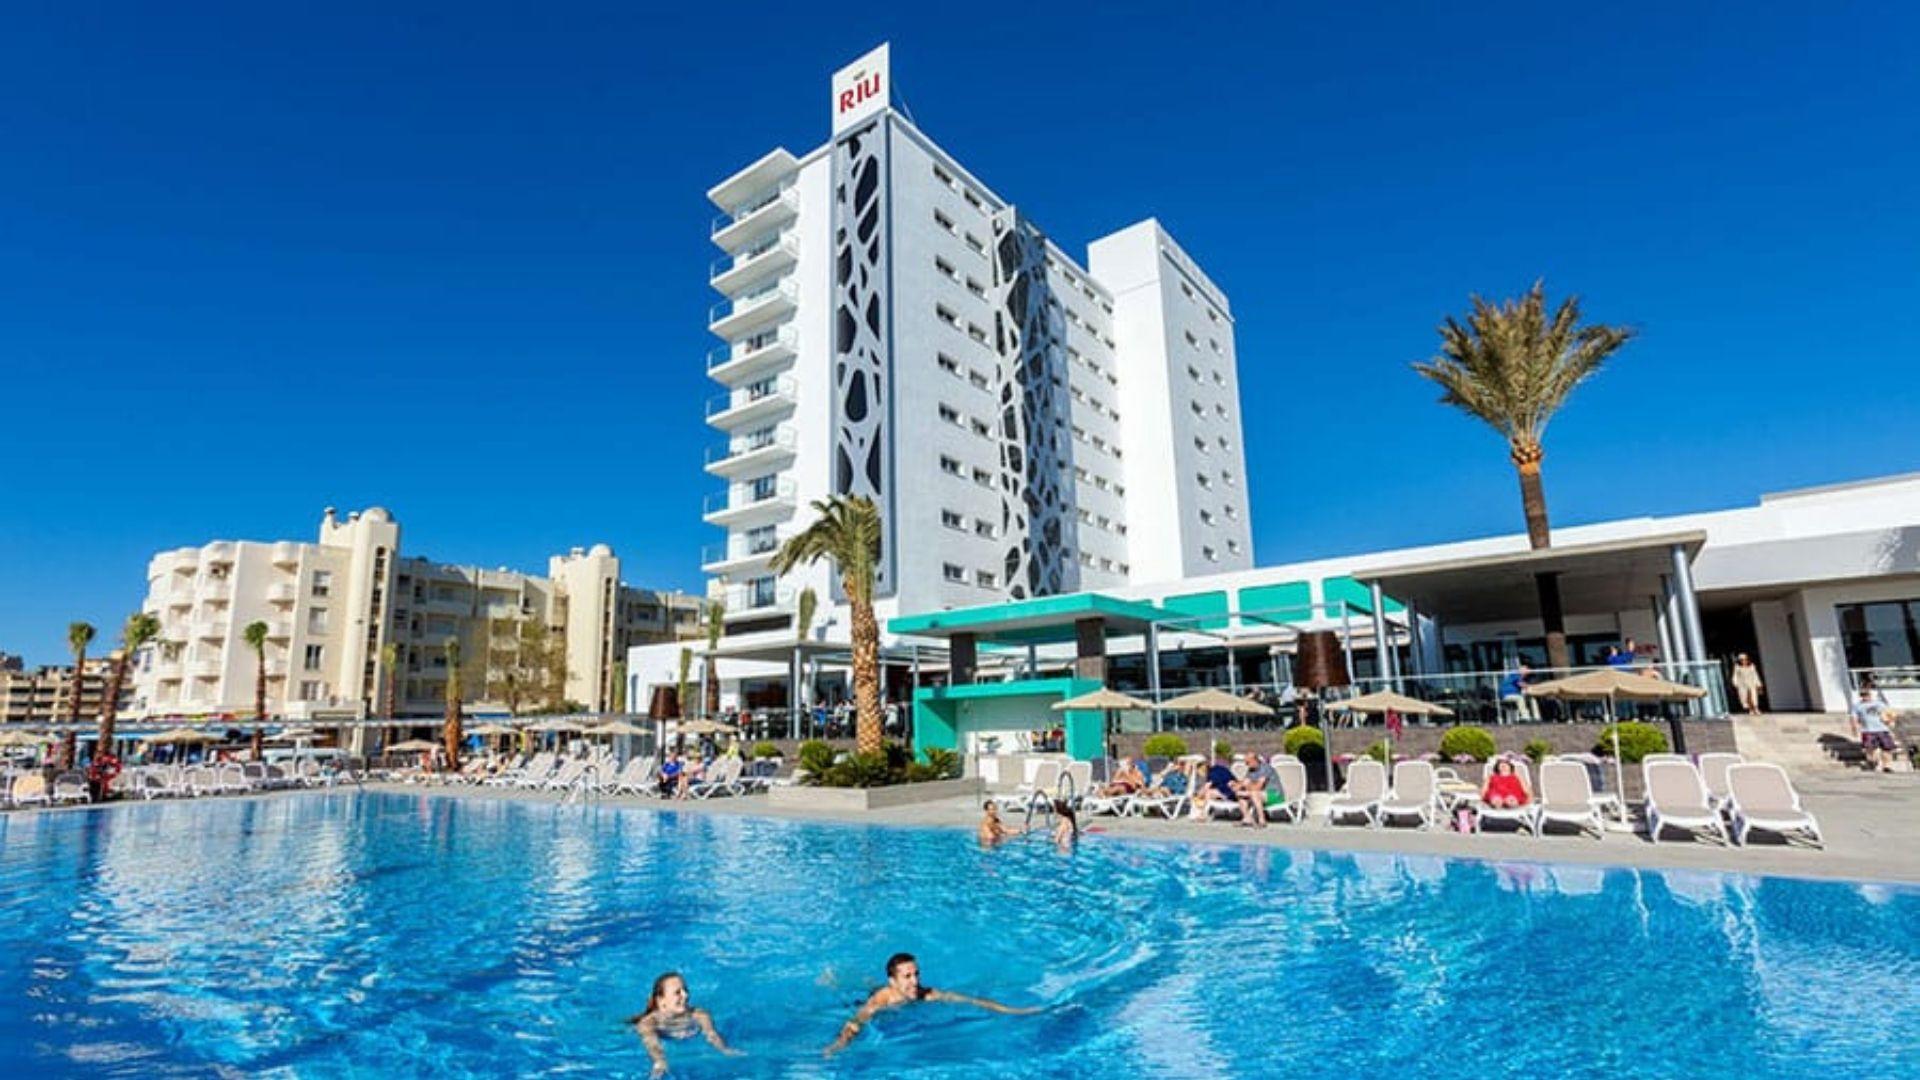 Mėgaukitės nerūpestingomis atostogomis viešbučio baseine